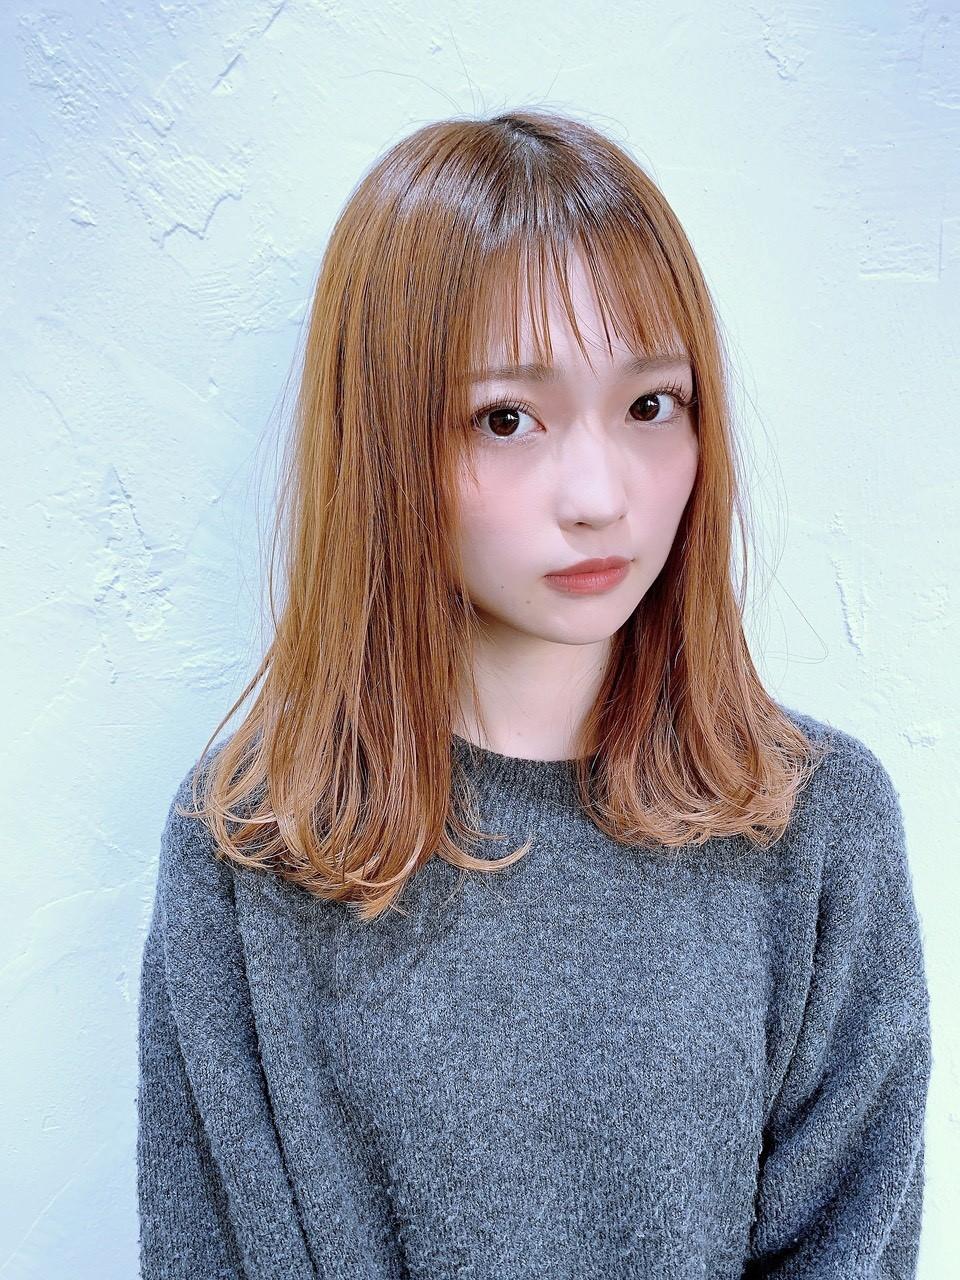 【ウルトワトリートメント】で髪質改善